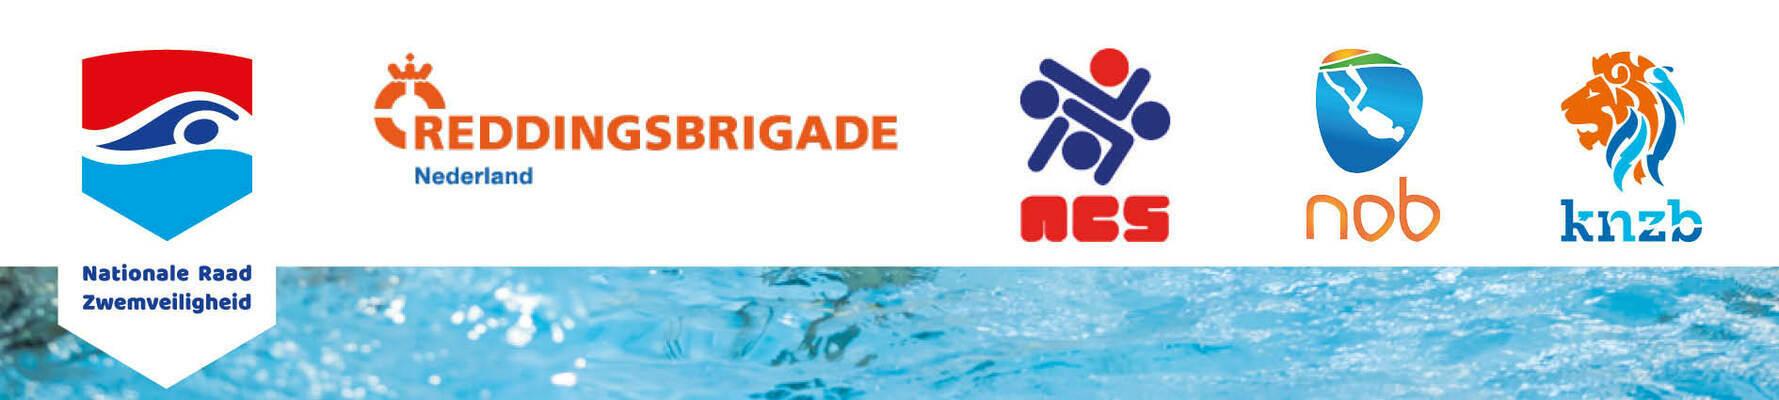 Dag van het Zwemonderwijs voor zwem- en duikverenigingen en reddingsbrigades 2019